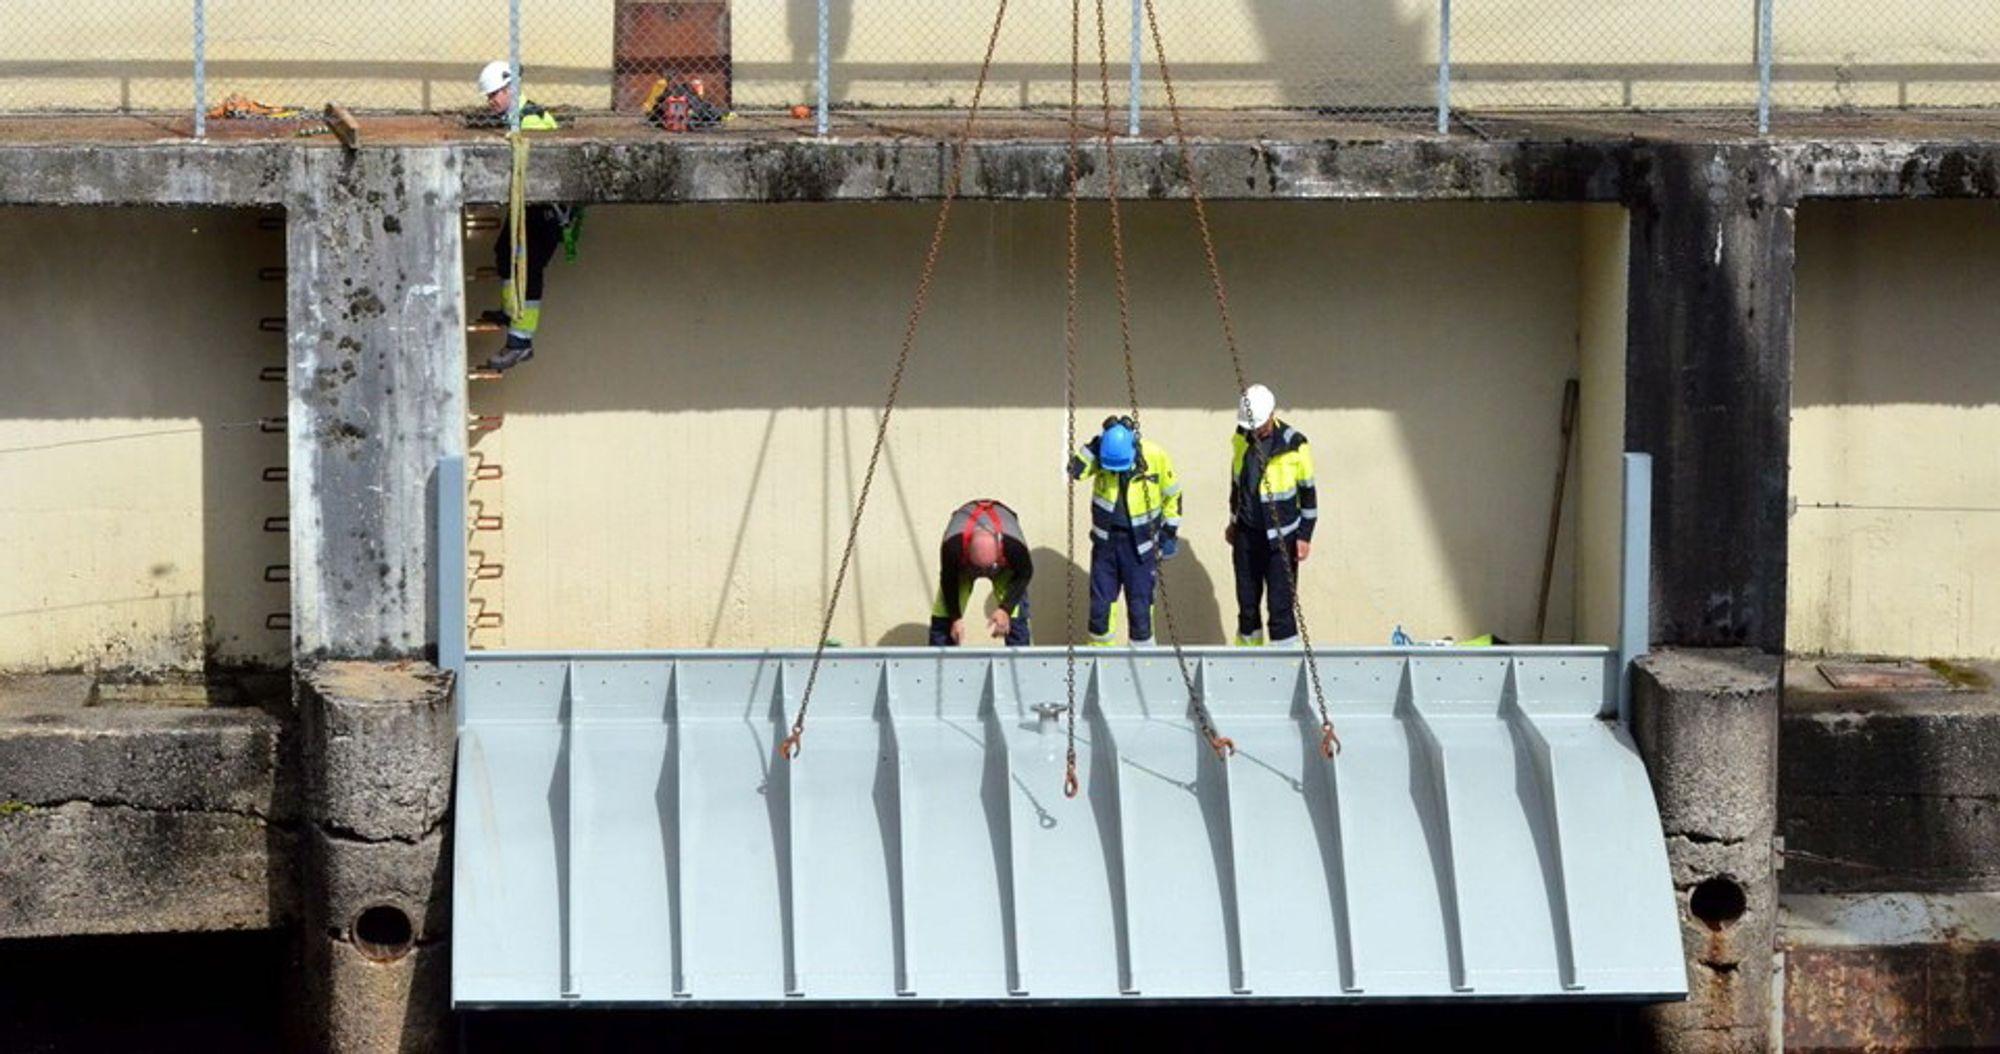 Sugerørskappen i kraftstasjonen Evenstad i Nidelva i Froland skal lage et tett sugerør ved å stenge luften ute, slik at hele fallhøyden blir utnyttet og det blir riktige  strømningsforhold i vannmassene.